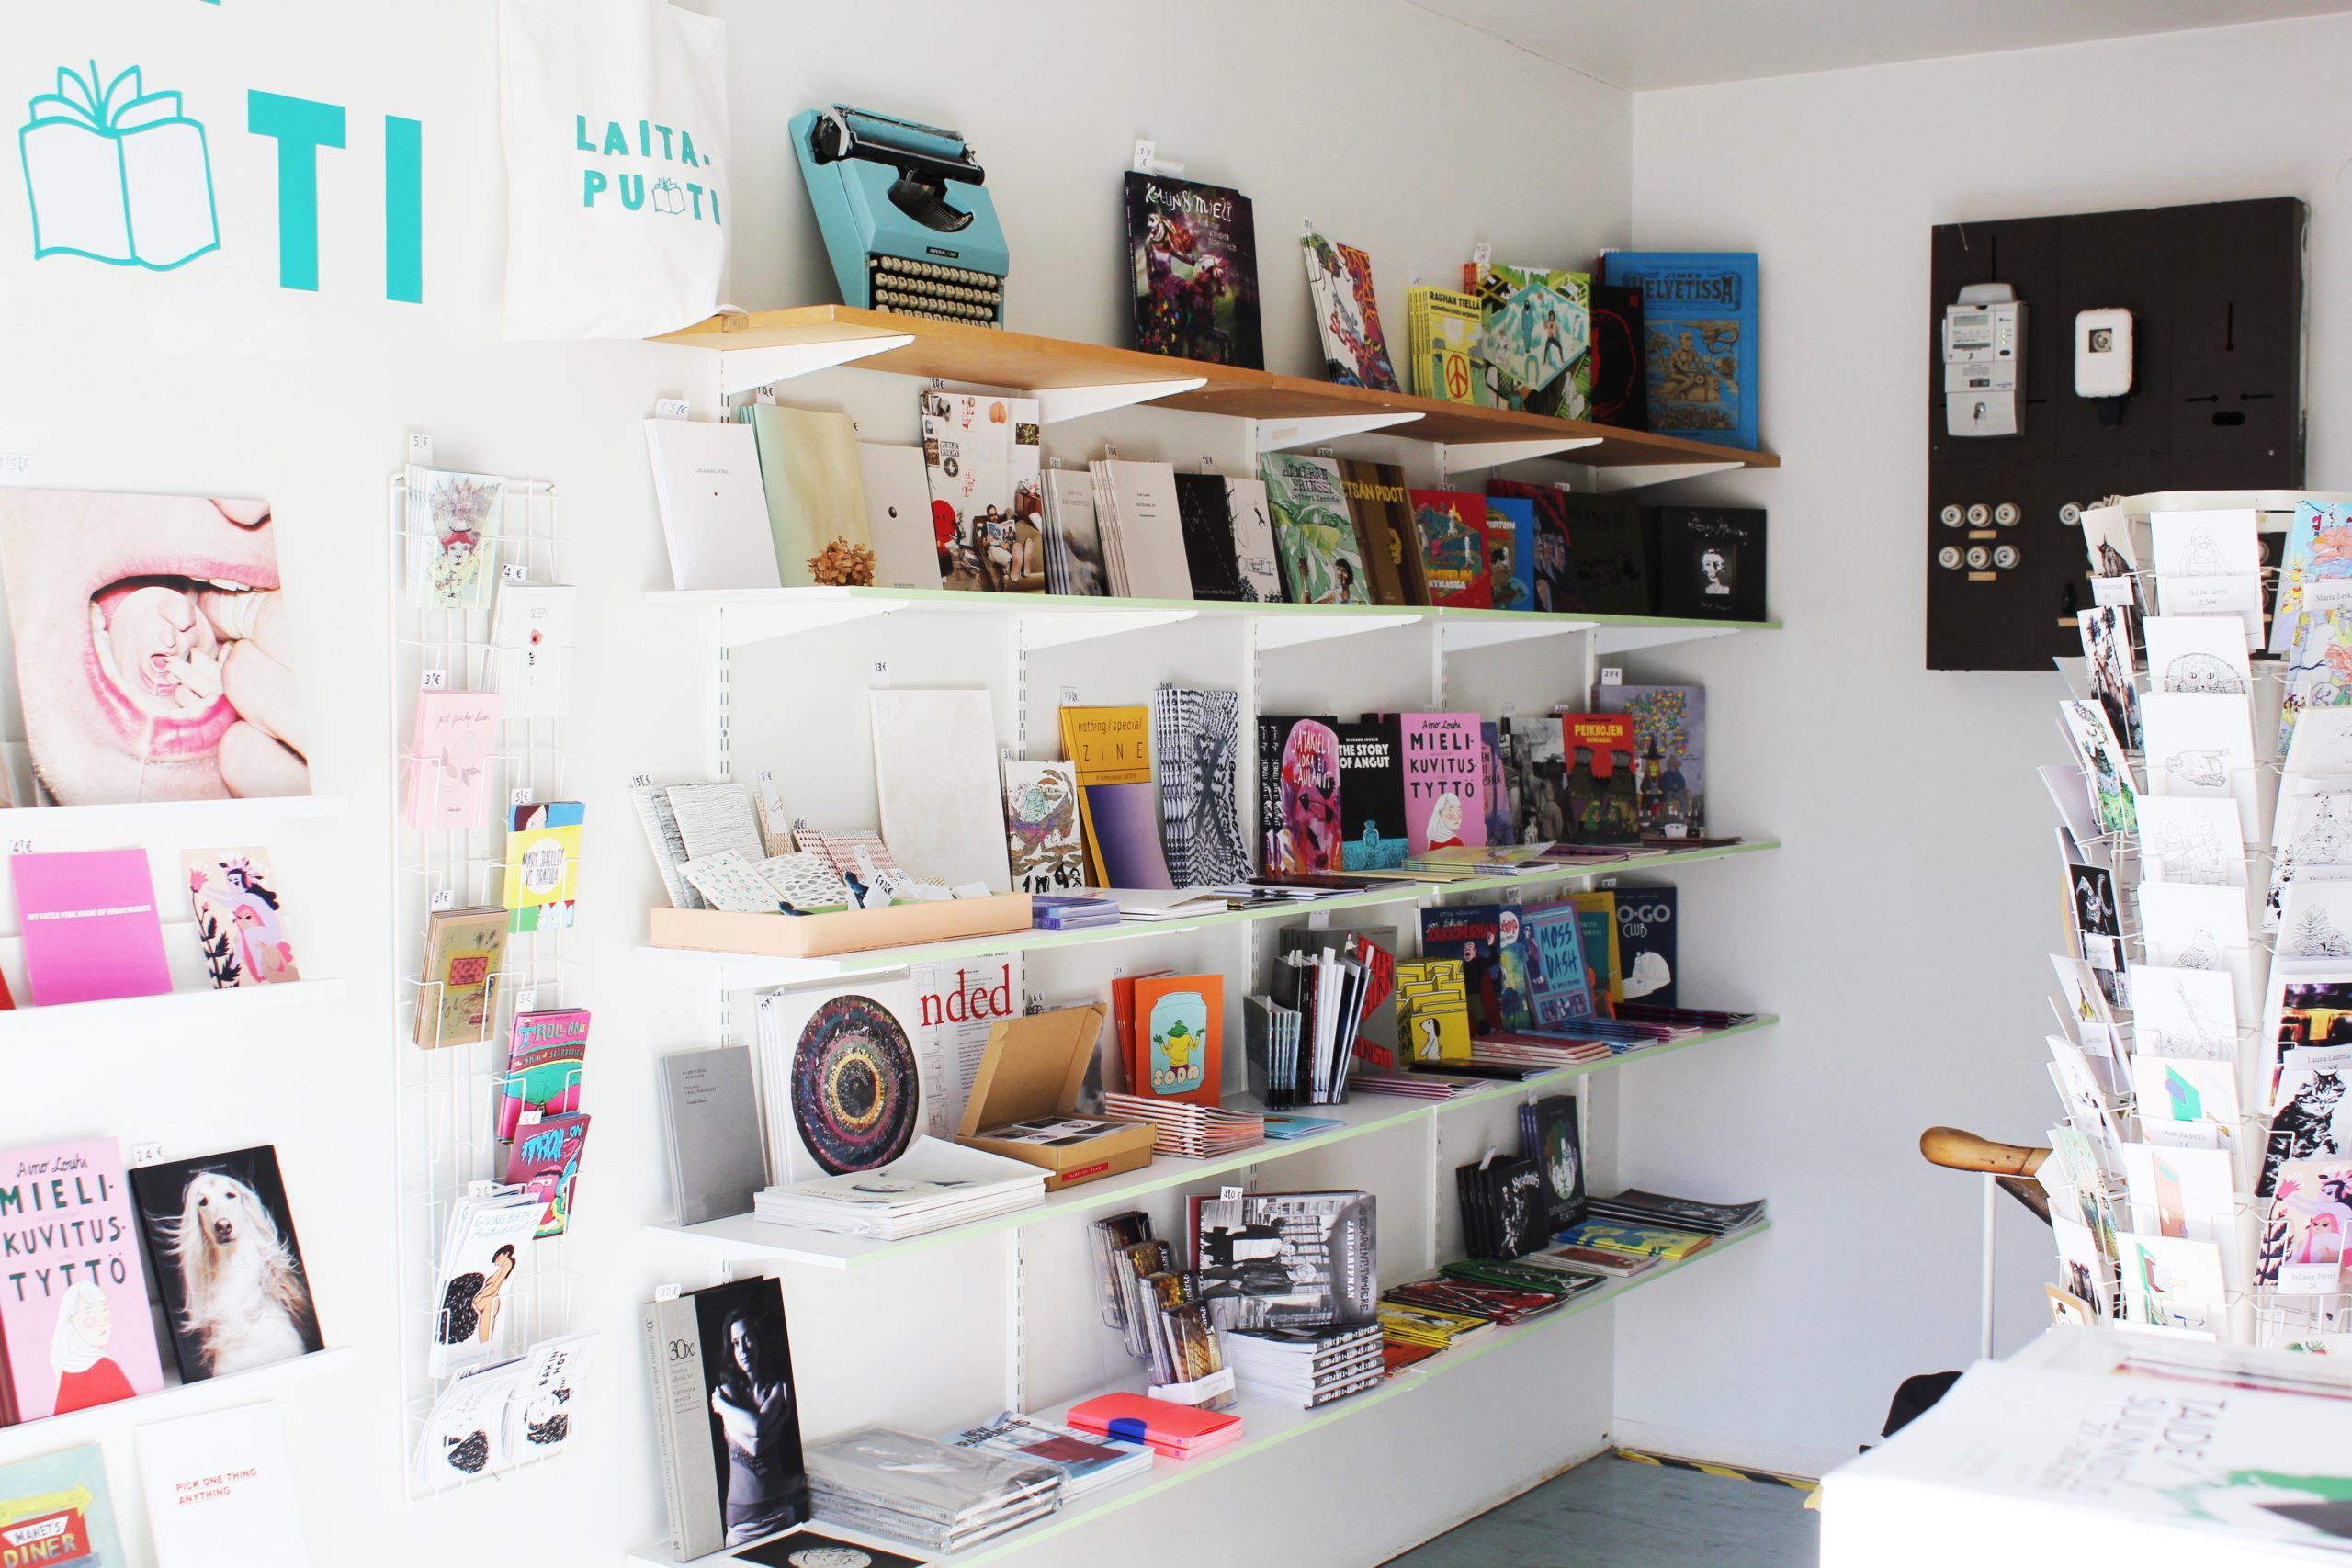 Galleria Rajatilan yhteydessä toimivasta Laitapuodista löytyy laaja valikoima oma- ja pienkustanteisia julkaisuja runoista sarjakuviin. Kuva: Rajataide ry